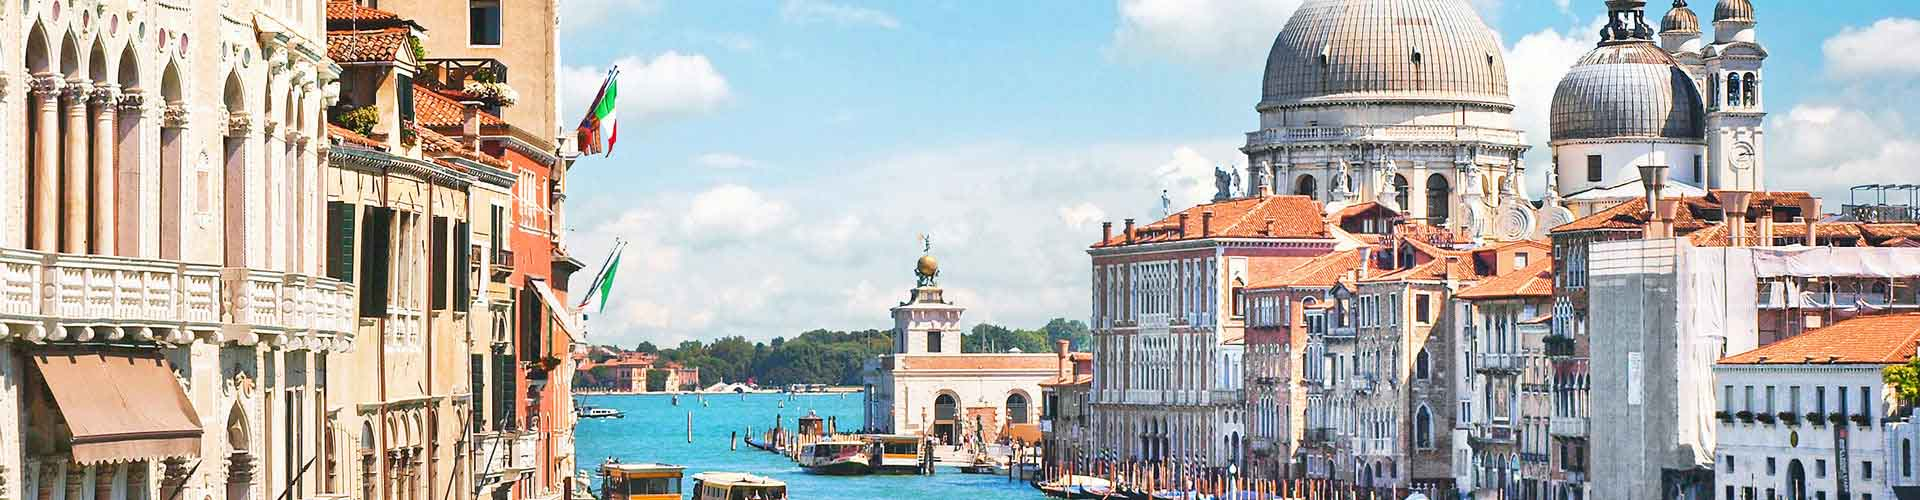 Venedig – Hostels in Venedig. Venedig auf der Karte. Fotos und Bewertungen für jedes Hostel in Venedig.